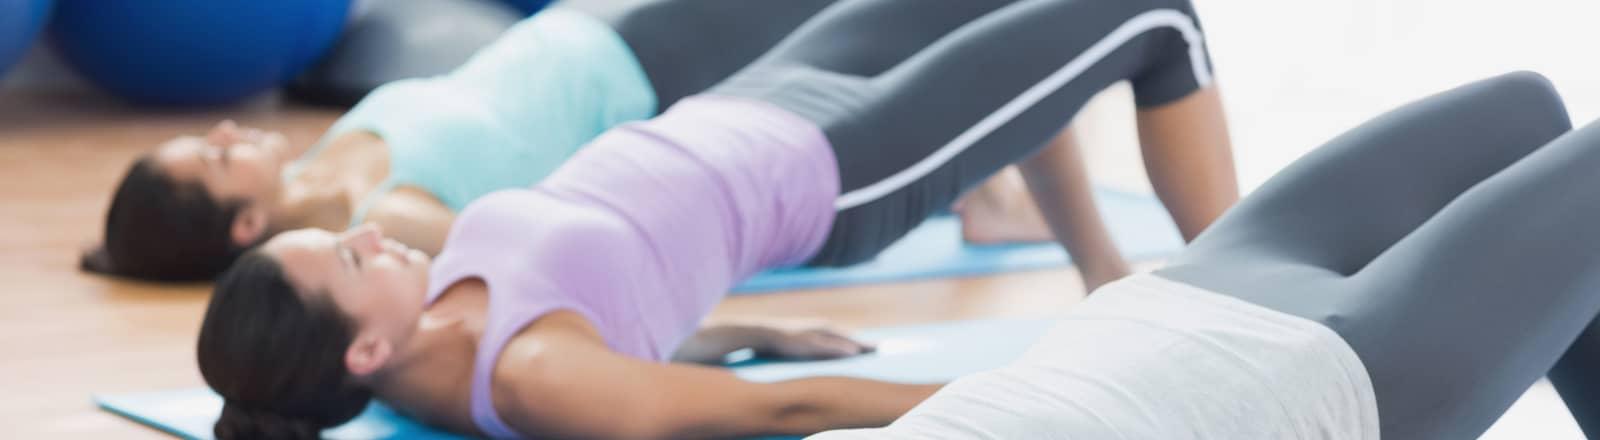 grupos de trabajo corporal consciente